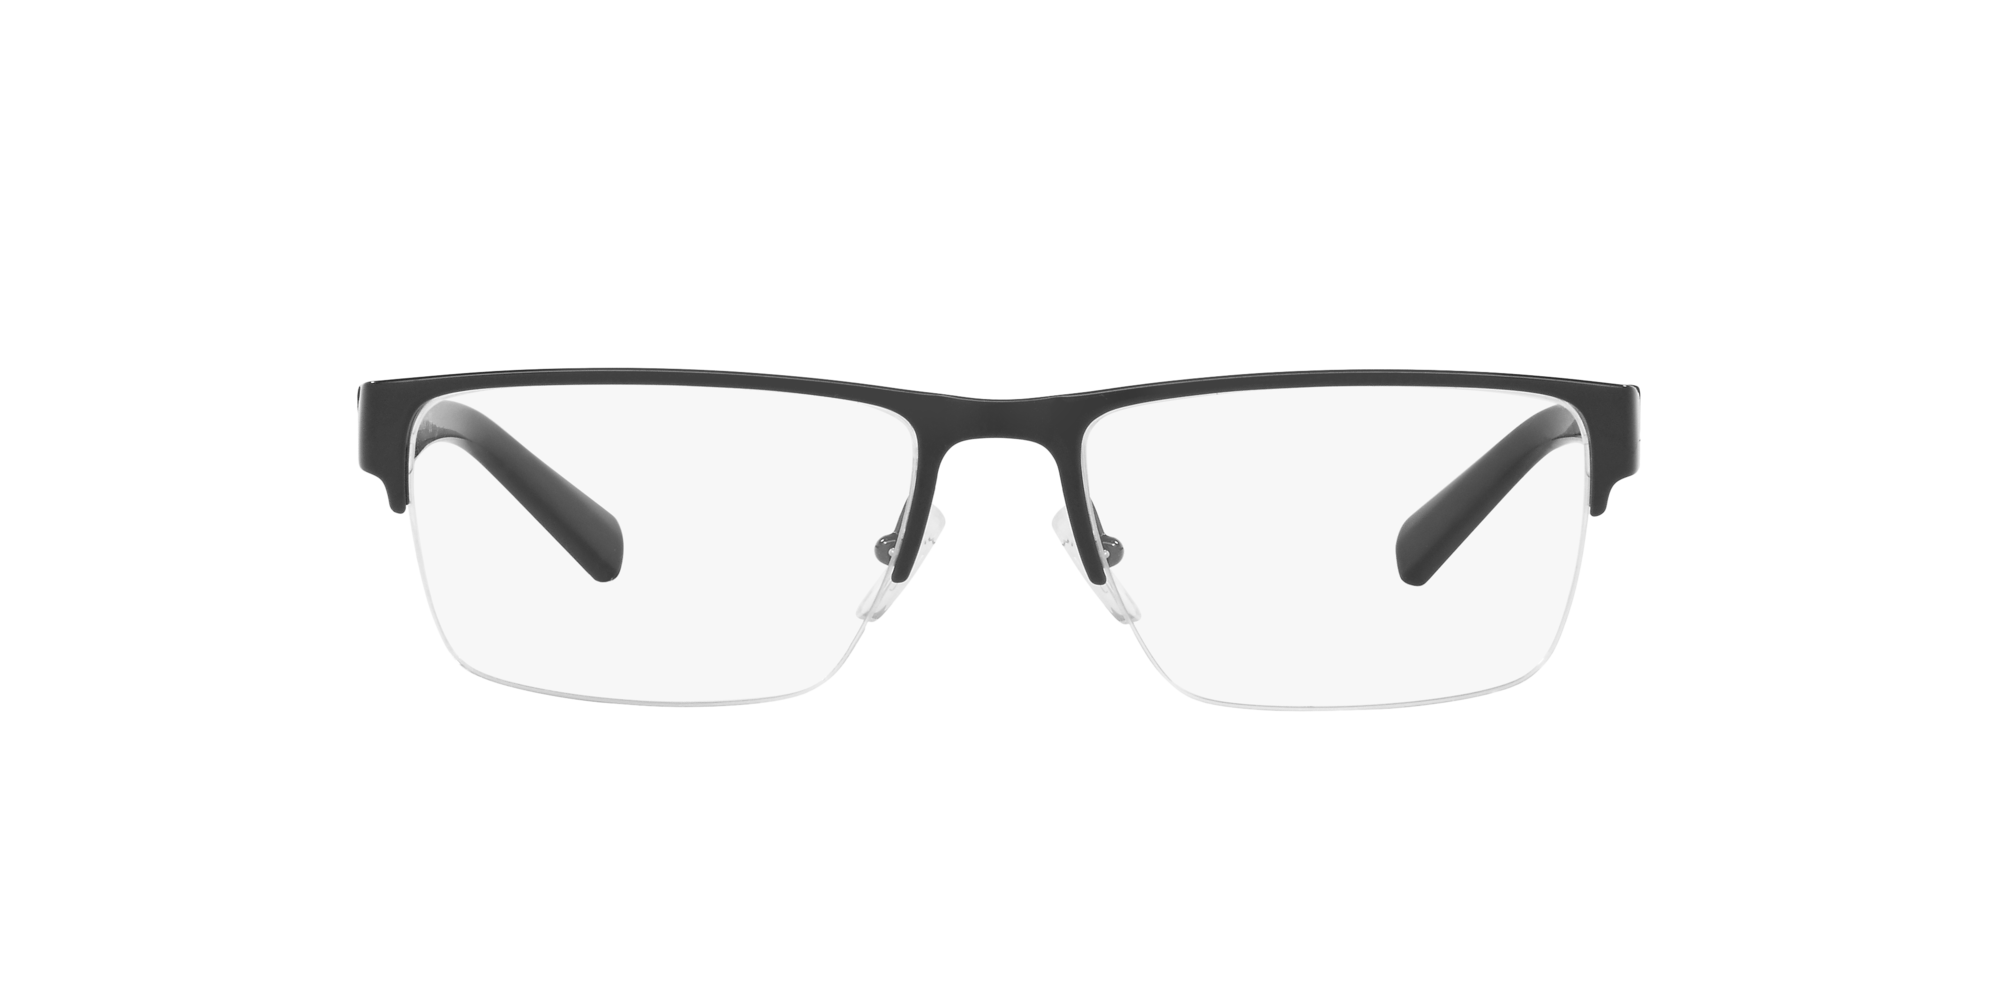 Imagen para AX1018 de LensCrafters |  Espejuelos, espejuelos graduados en línea, gafas